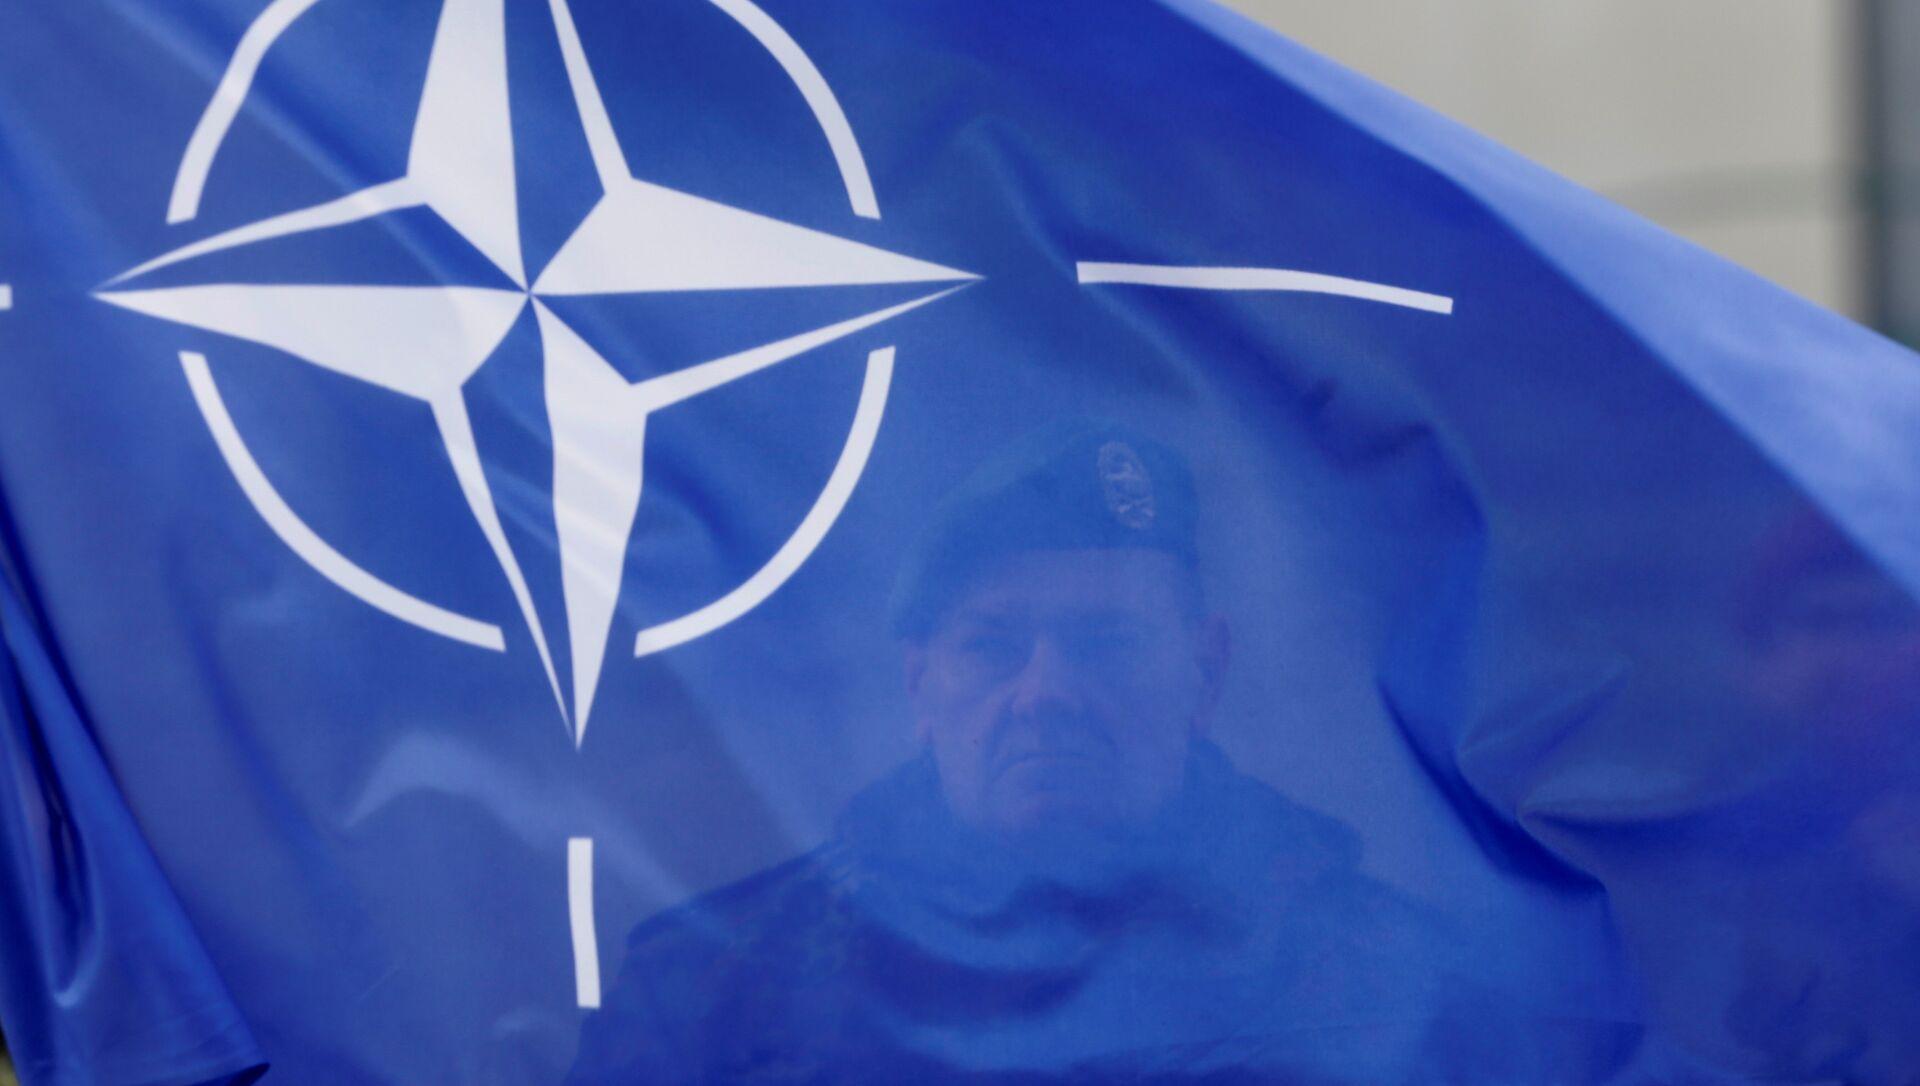 Flaga NATO - Sputnik Polska, 1920, 19.06.2021